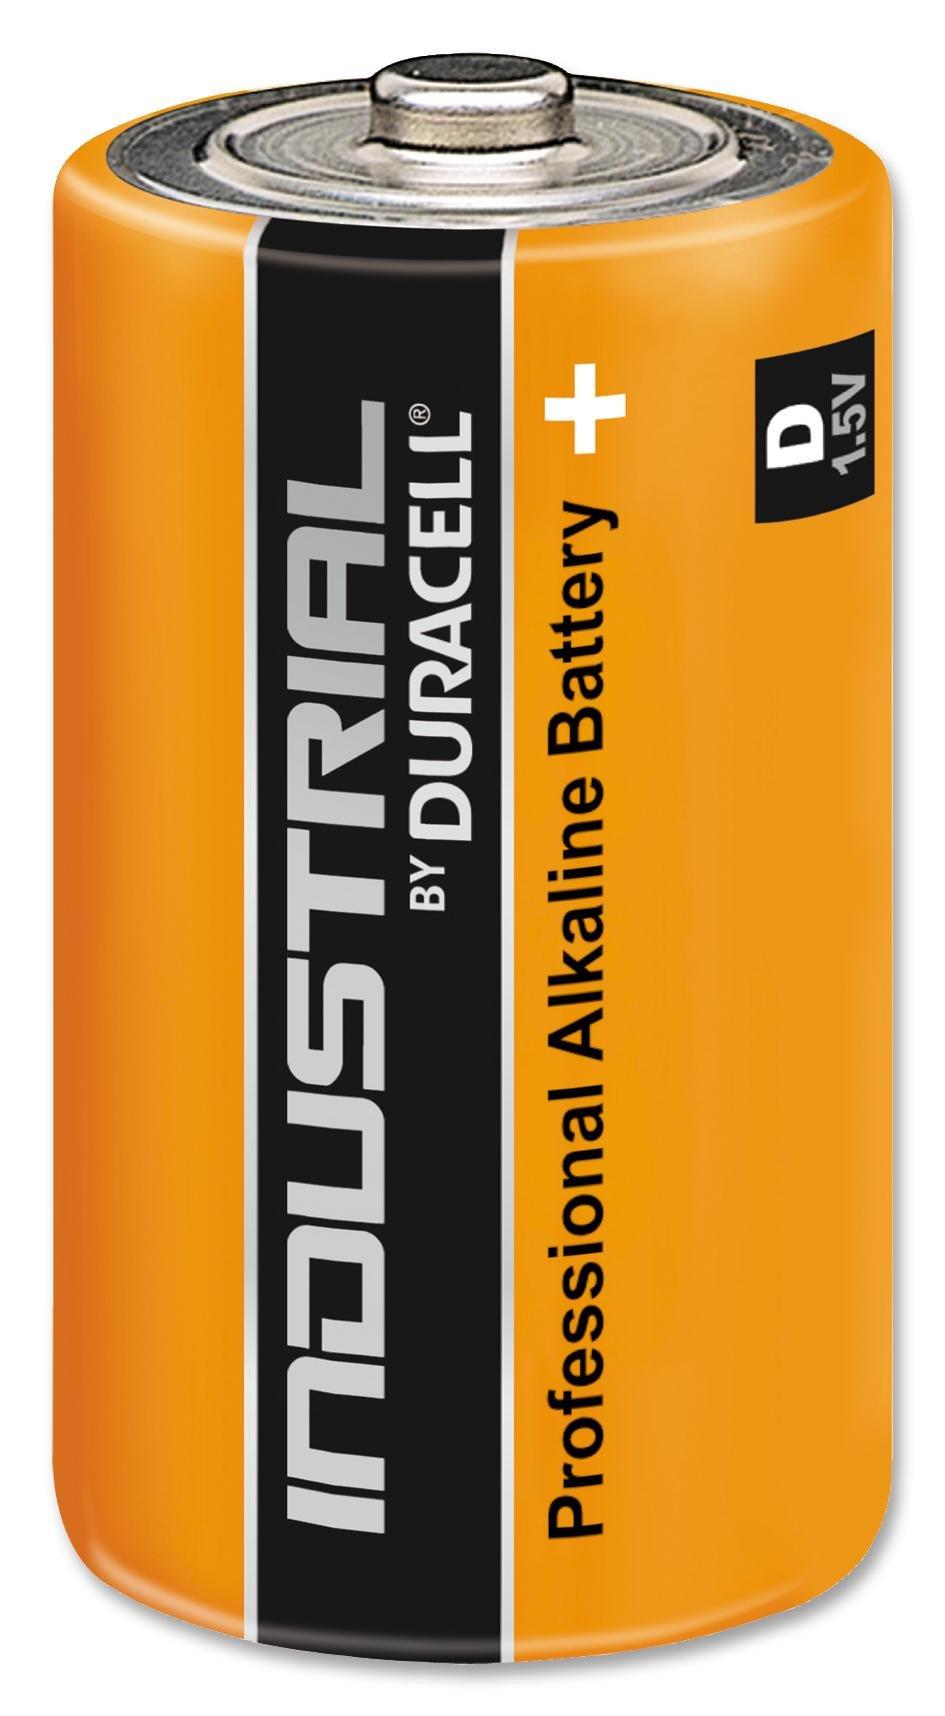 Duracell 5000390000000batteria alcalina industriale D [confezione da 10] (Epitome verificato pro-se